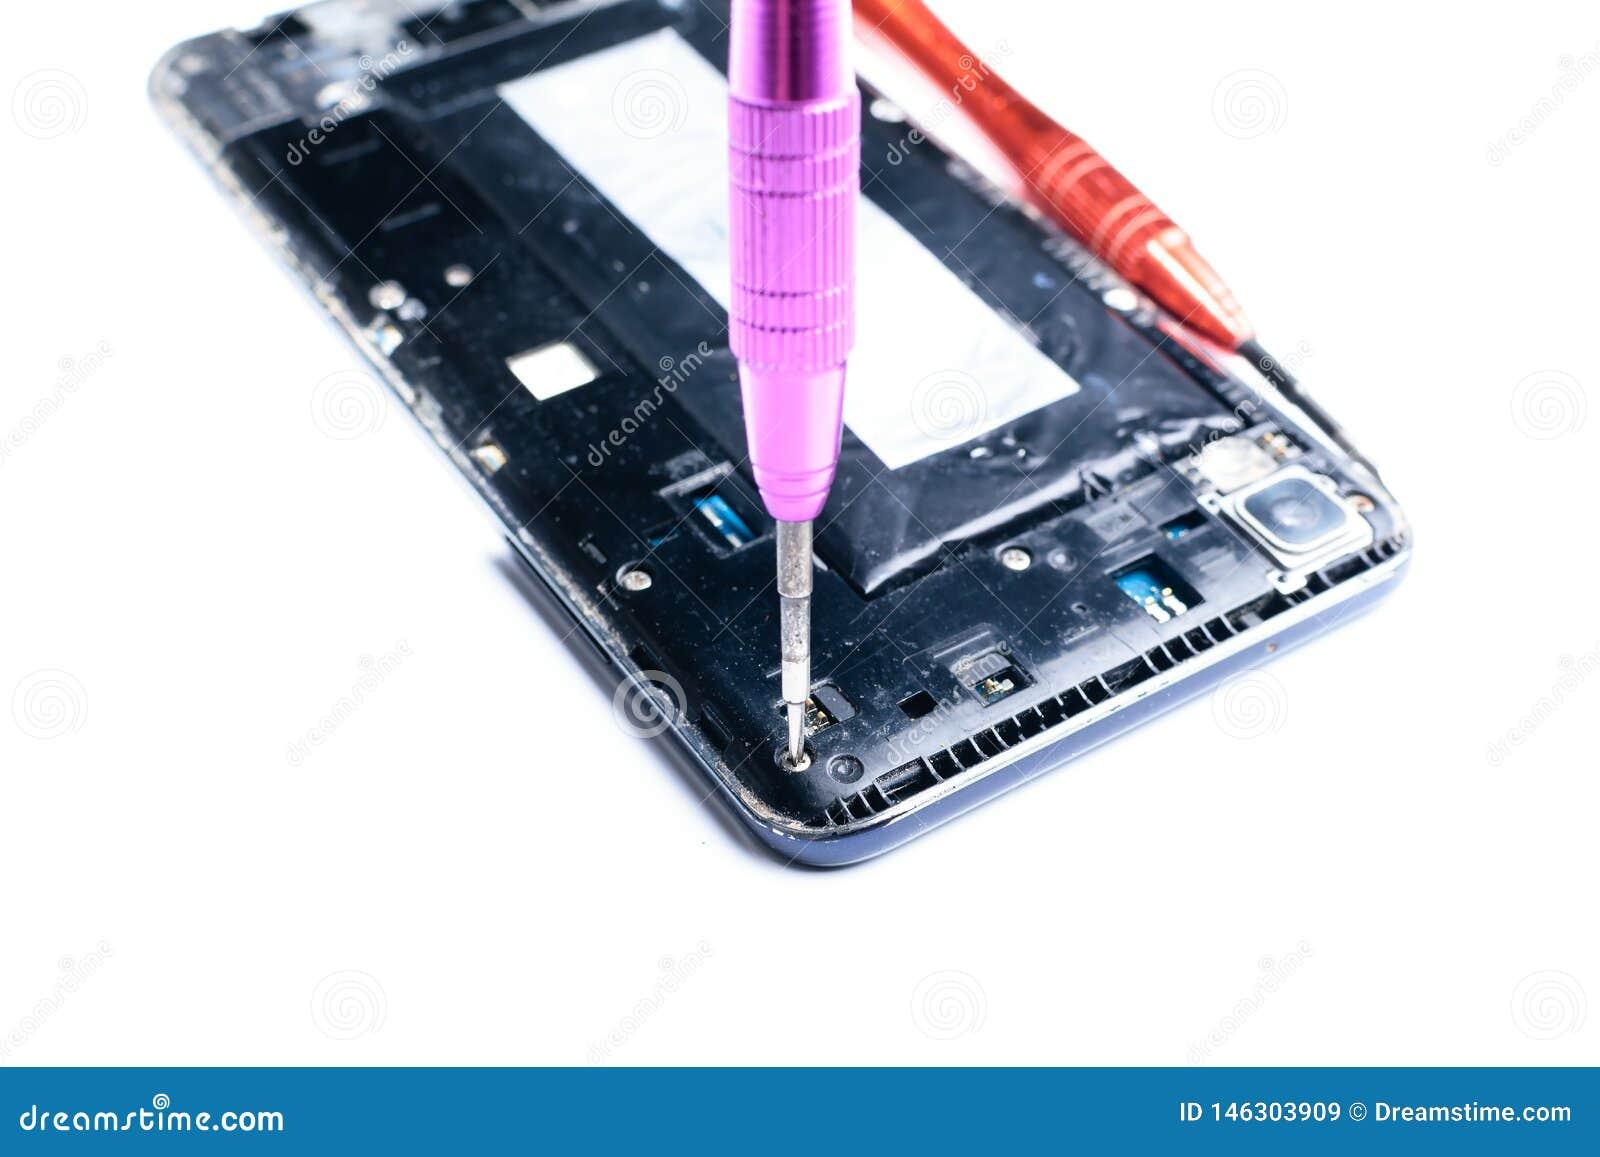 Φωτογραφίες που παρουσιάζουν τη διαδικασία ένα σπασμένο κινητό τηλέφωνο με ένα κατσαβίδι στο εργαστήριο για την επισκευή του κινη